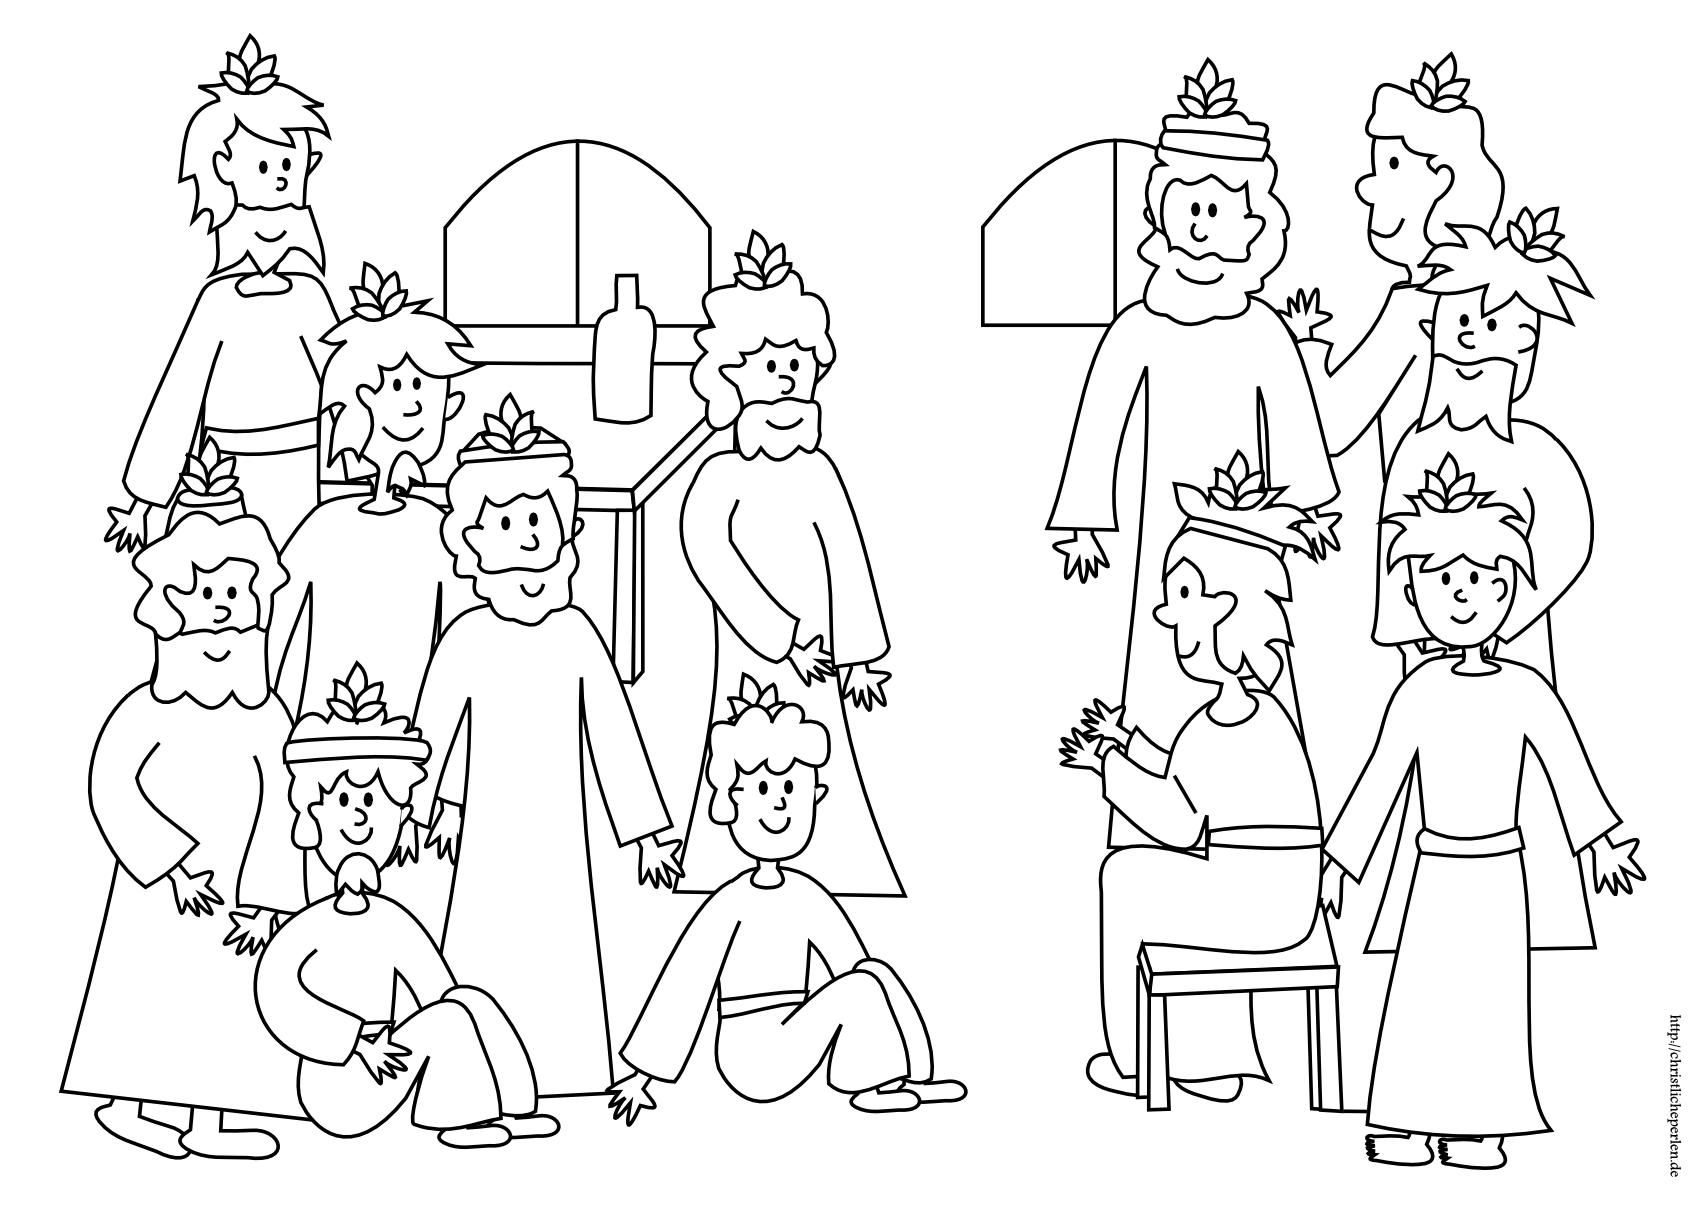 GRATIS AUSMALBILDER ZUR BIBEL KAPERNAUM - Ausmalbilder